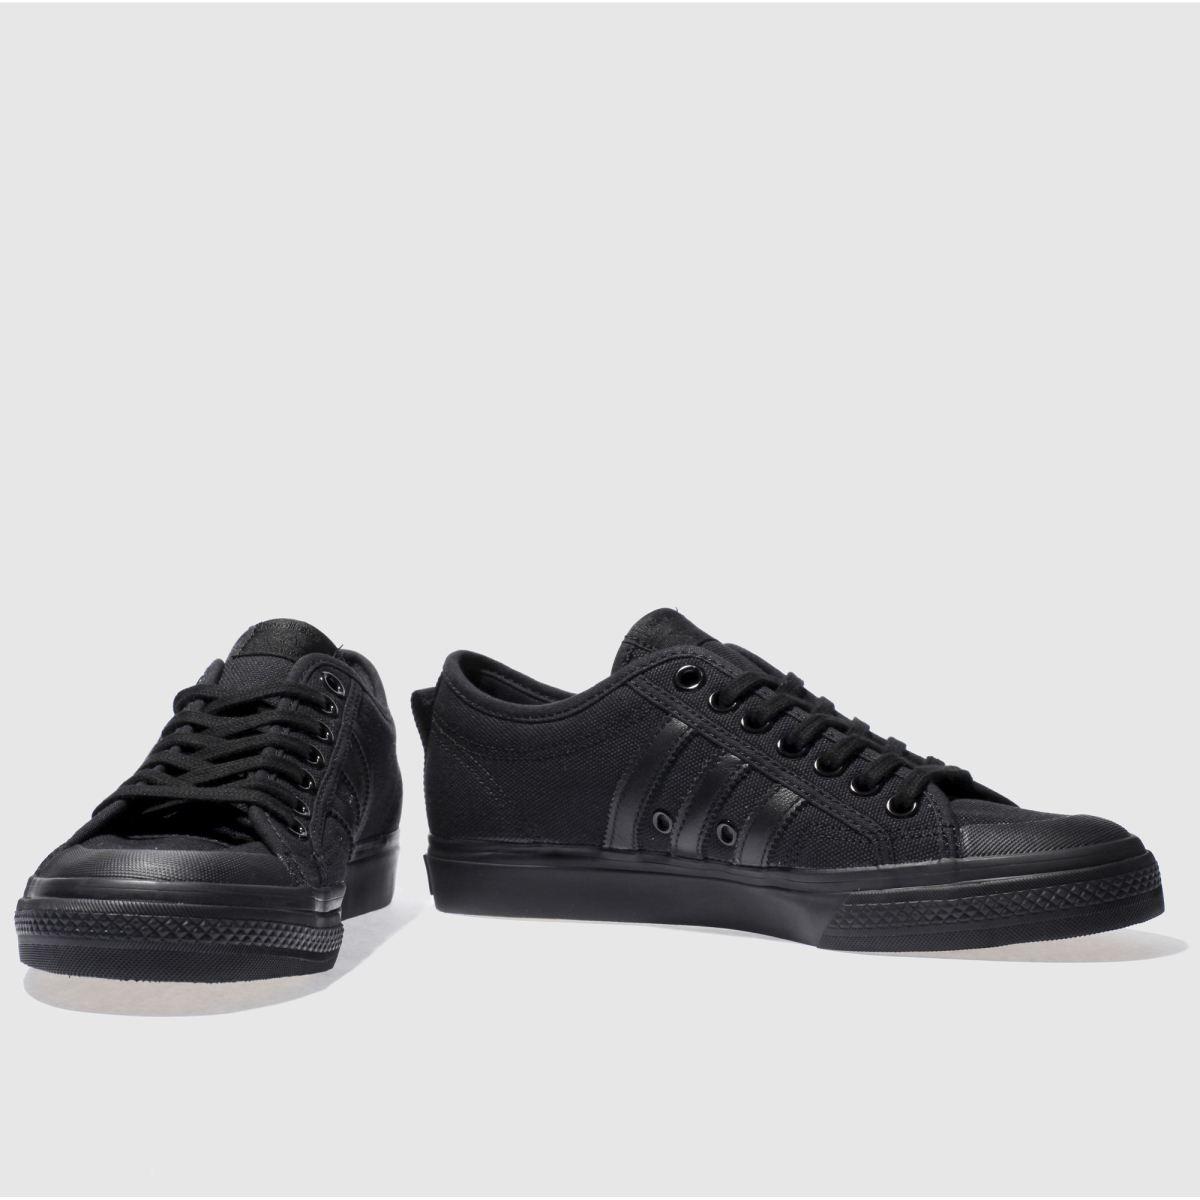 Herren Schwarz adidas Nizza Sneaker | schuh Gute Qualität beliebte Schuhe